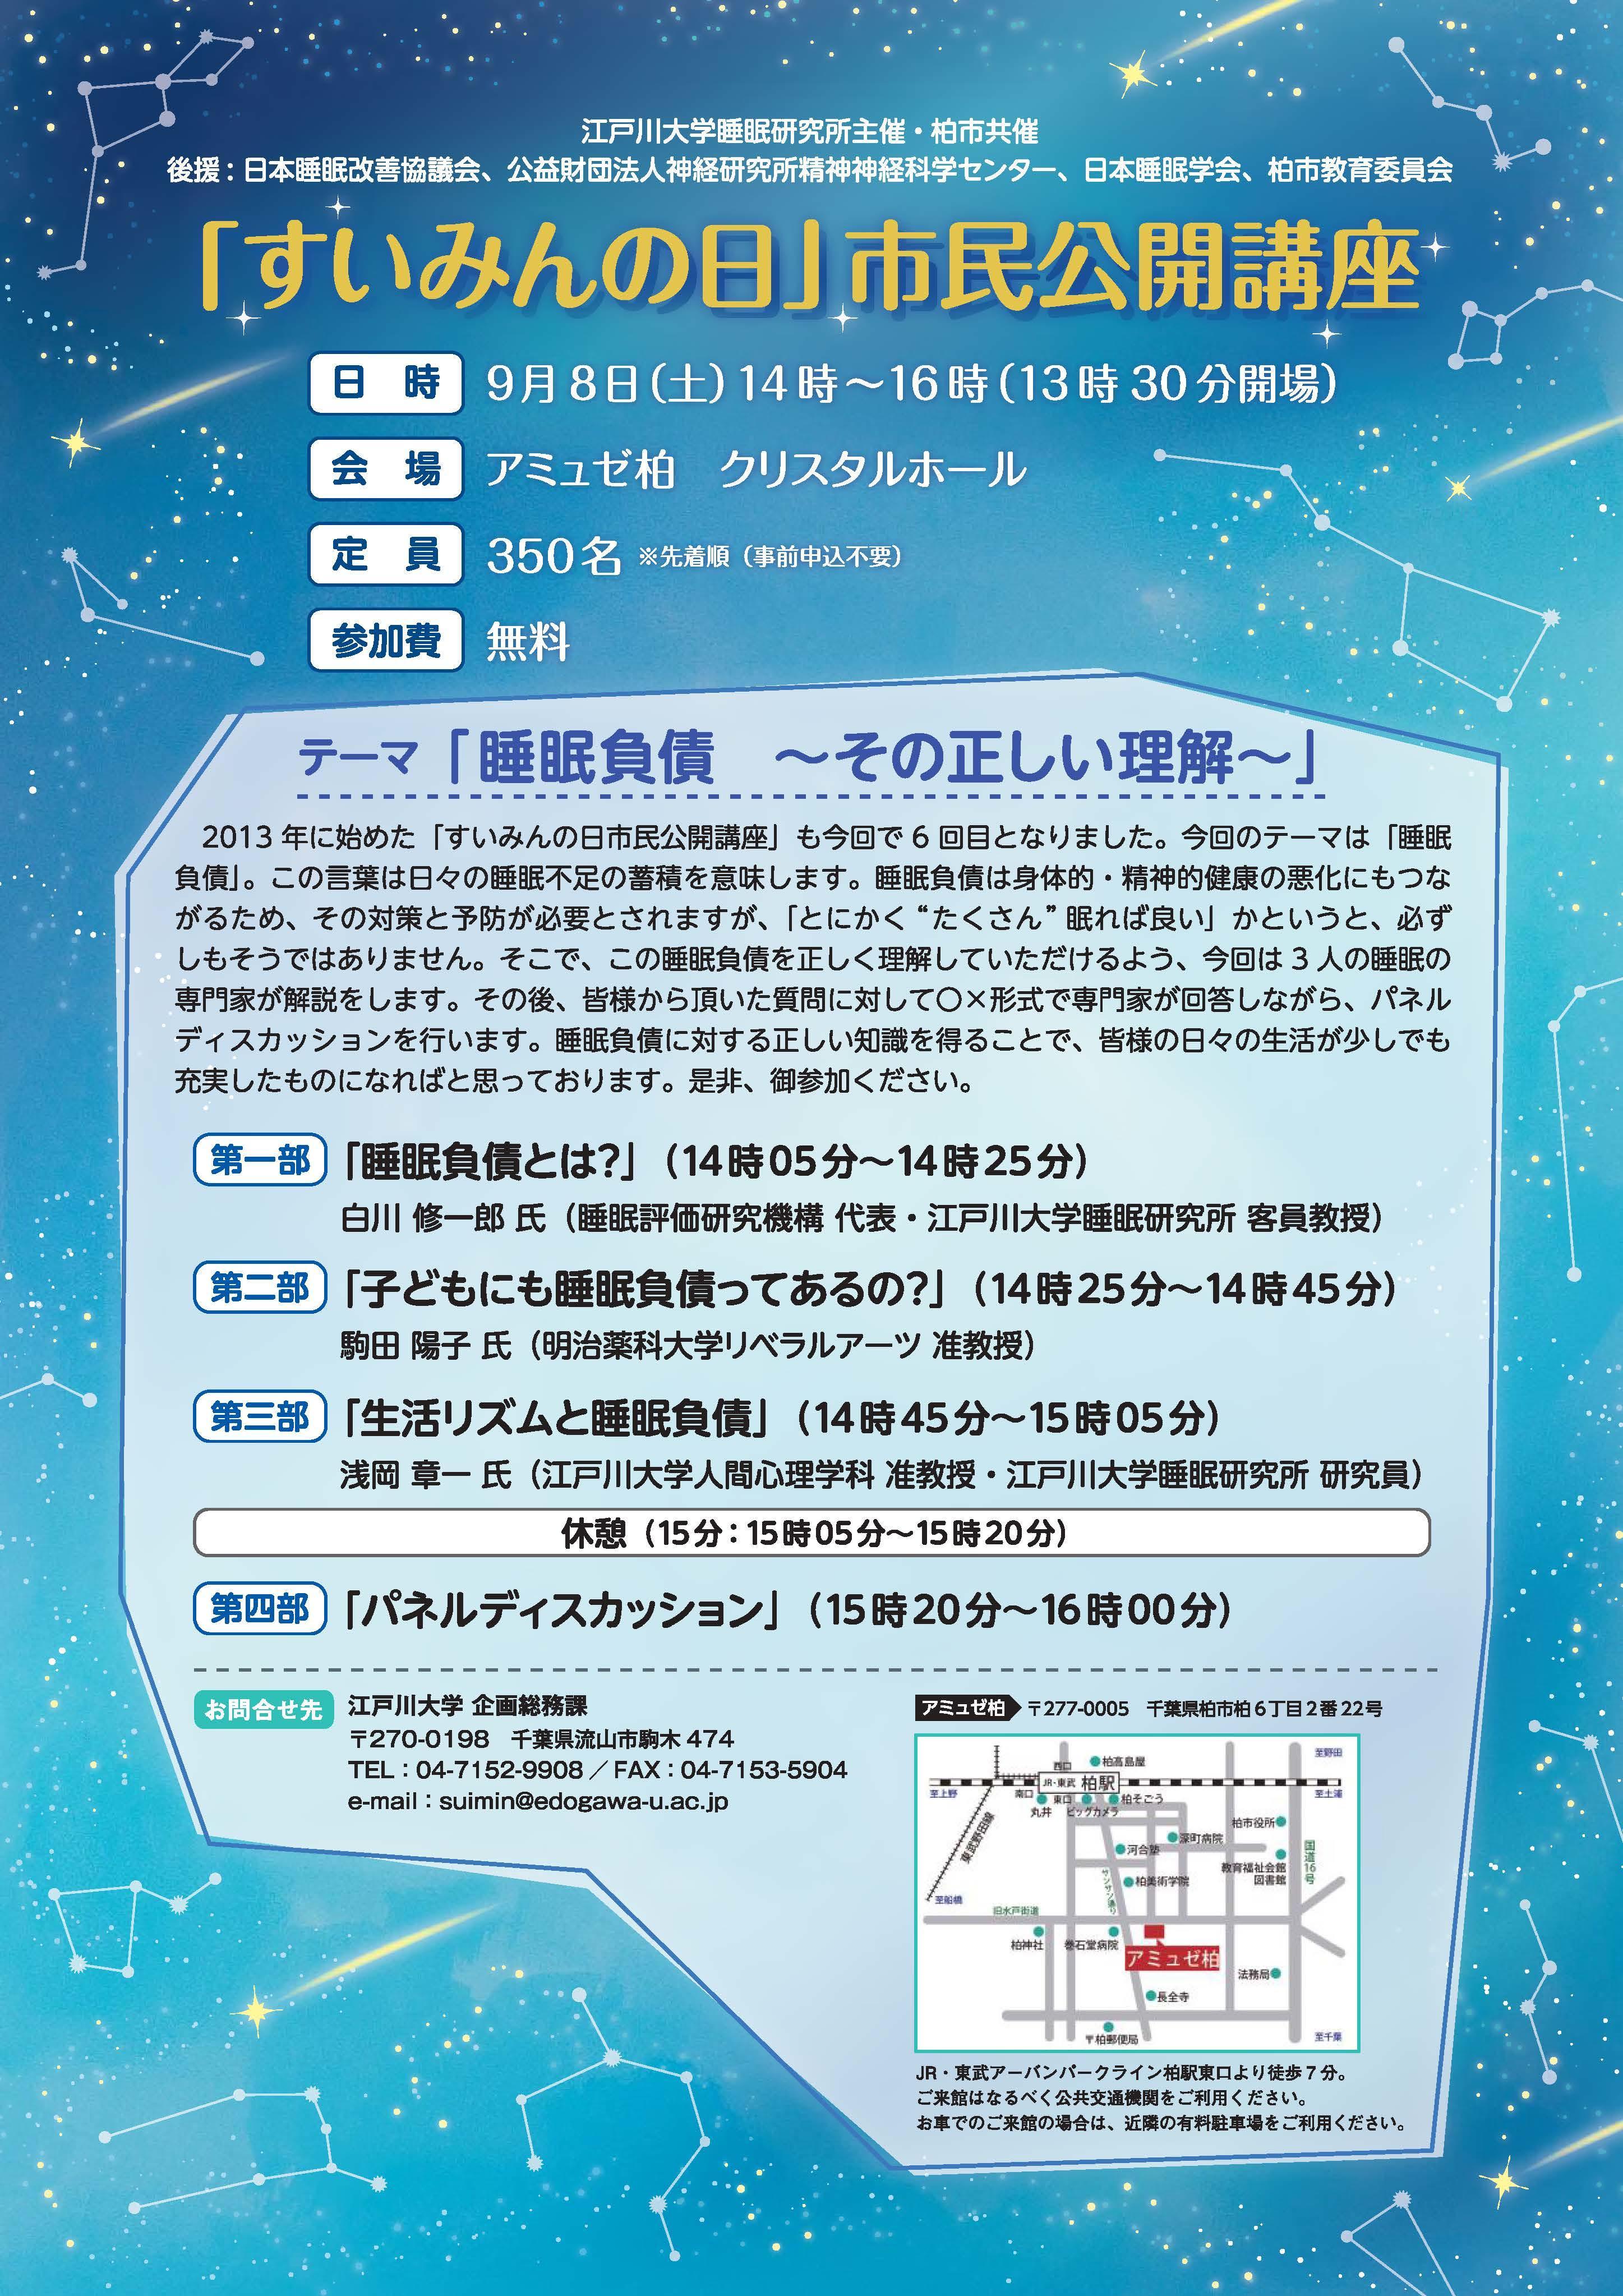 江戸川大学が9月8日にすいみんの日市民公開講座「睡眠負債 ~その正しい理解~」を開催